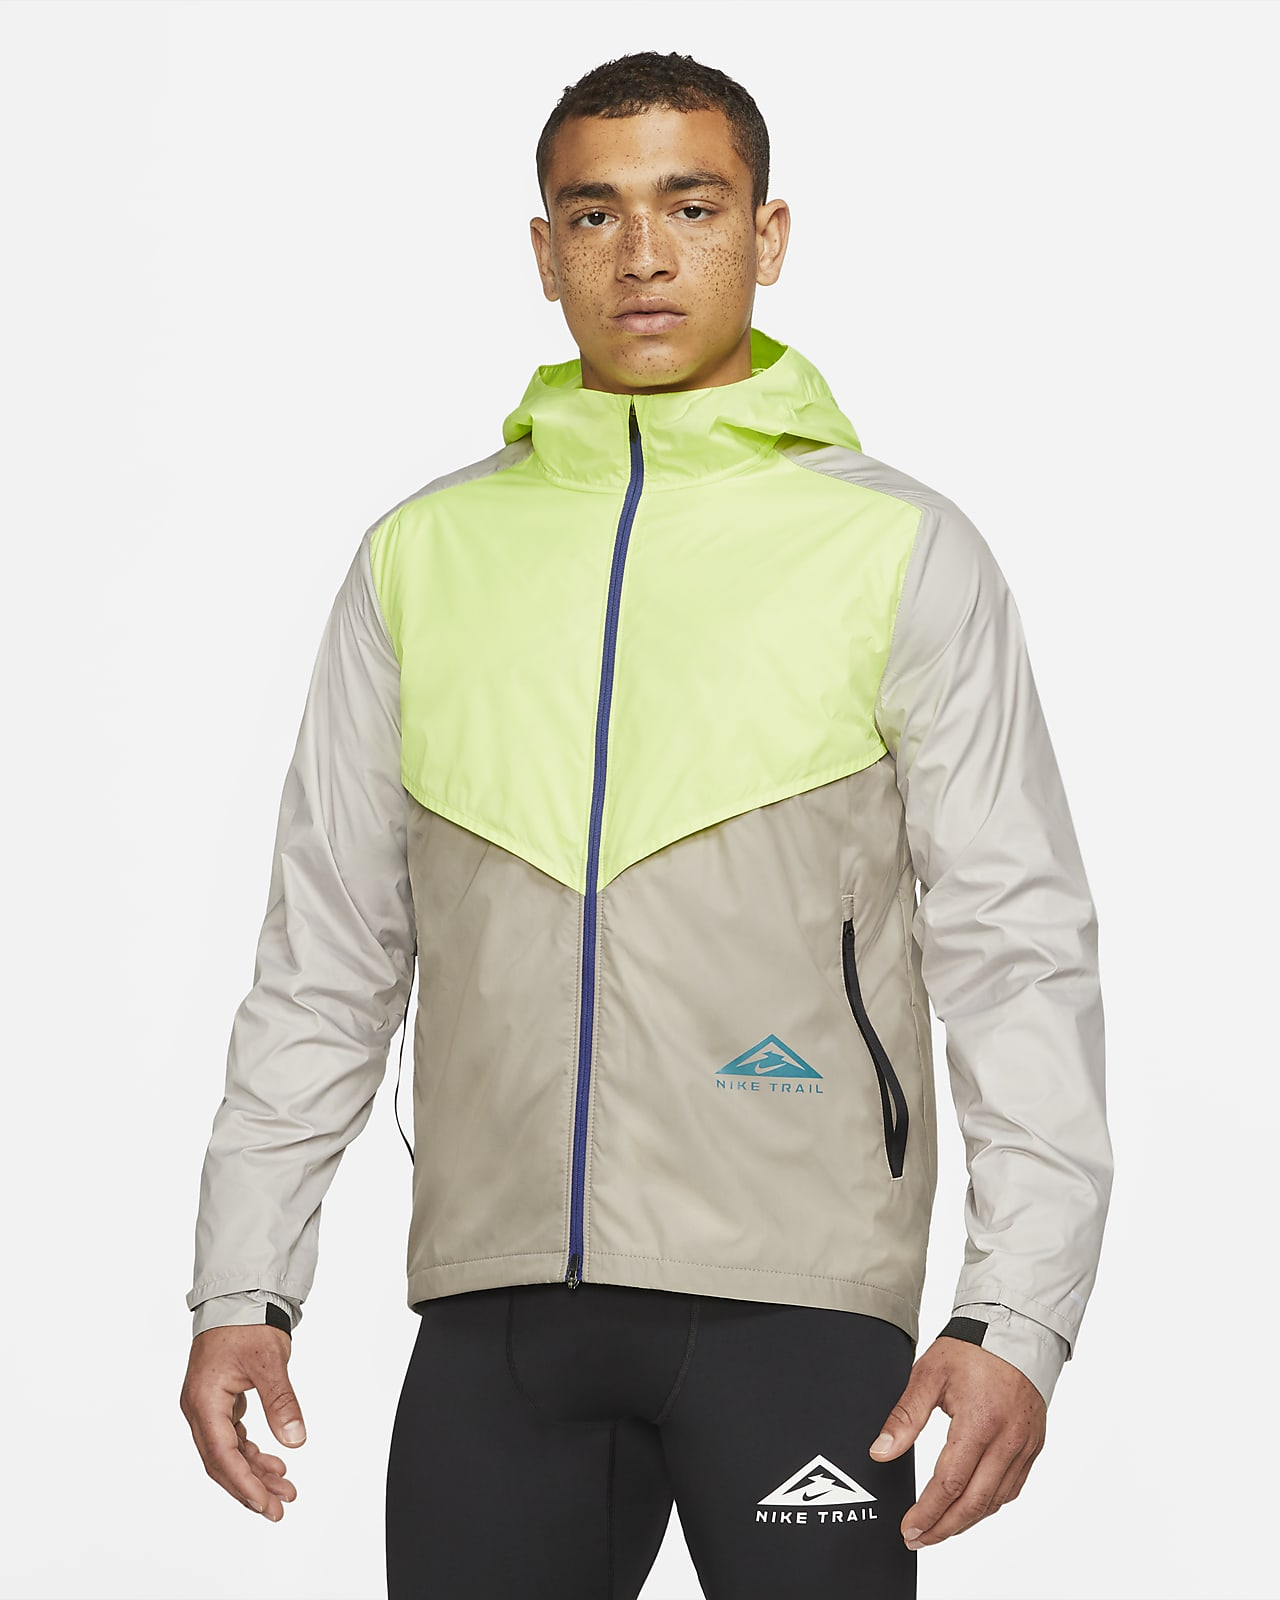 Nike Windrunner Men's Trail Running Jacket